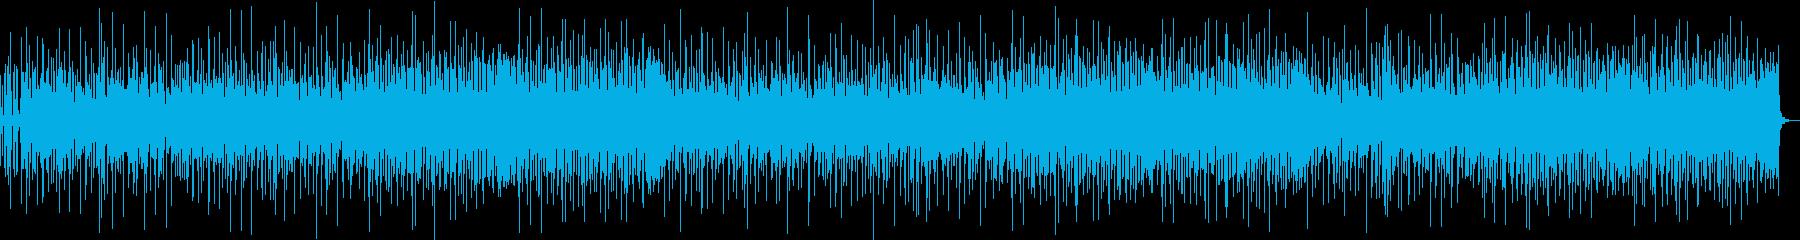 ポップロック。ギターのリフ、エネル...の再生済みの波形